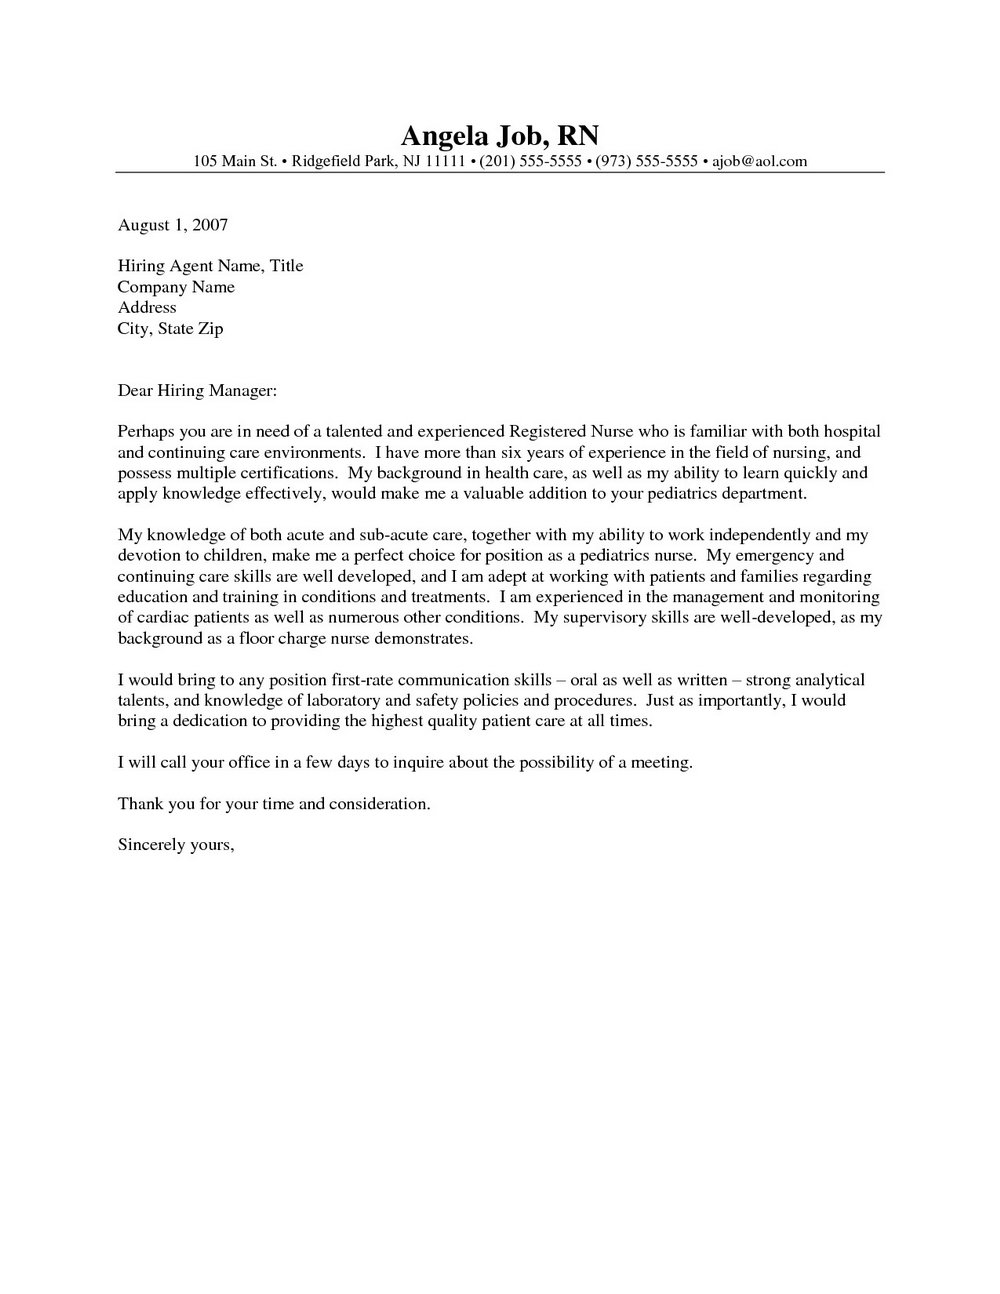 Nursing Student Cover Letter For Resume